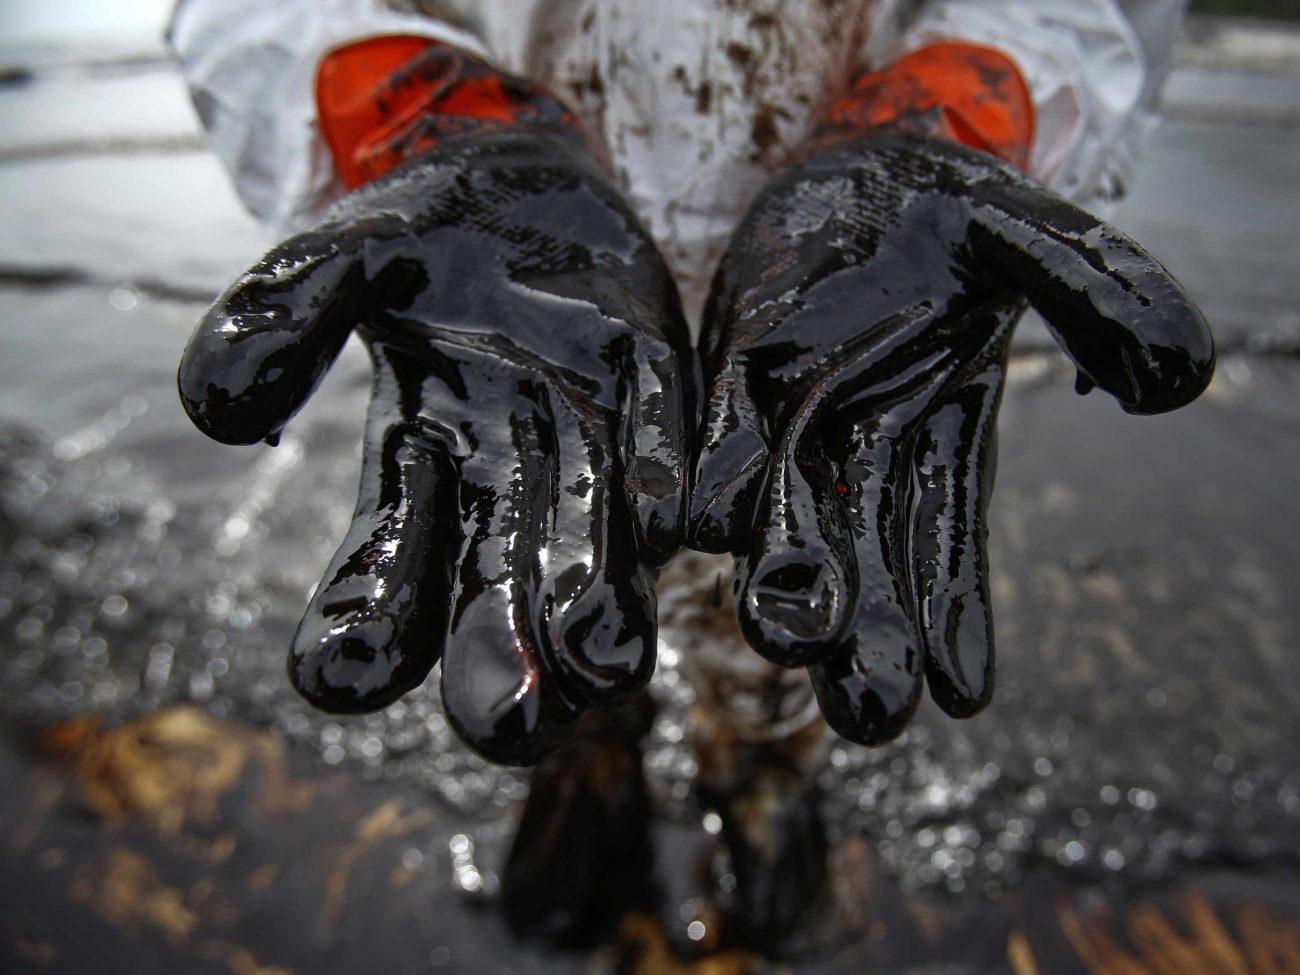 neft skvoz palcy - Хорошо пошла: добыты первые тонны нефти на новом месторождении Югры, которое открыли Медведев и Сечин